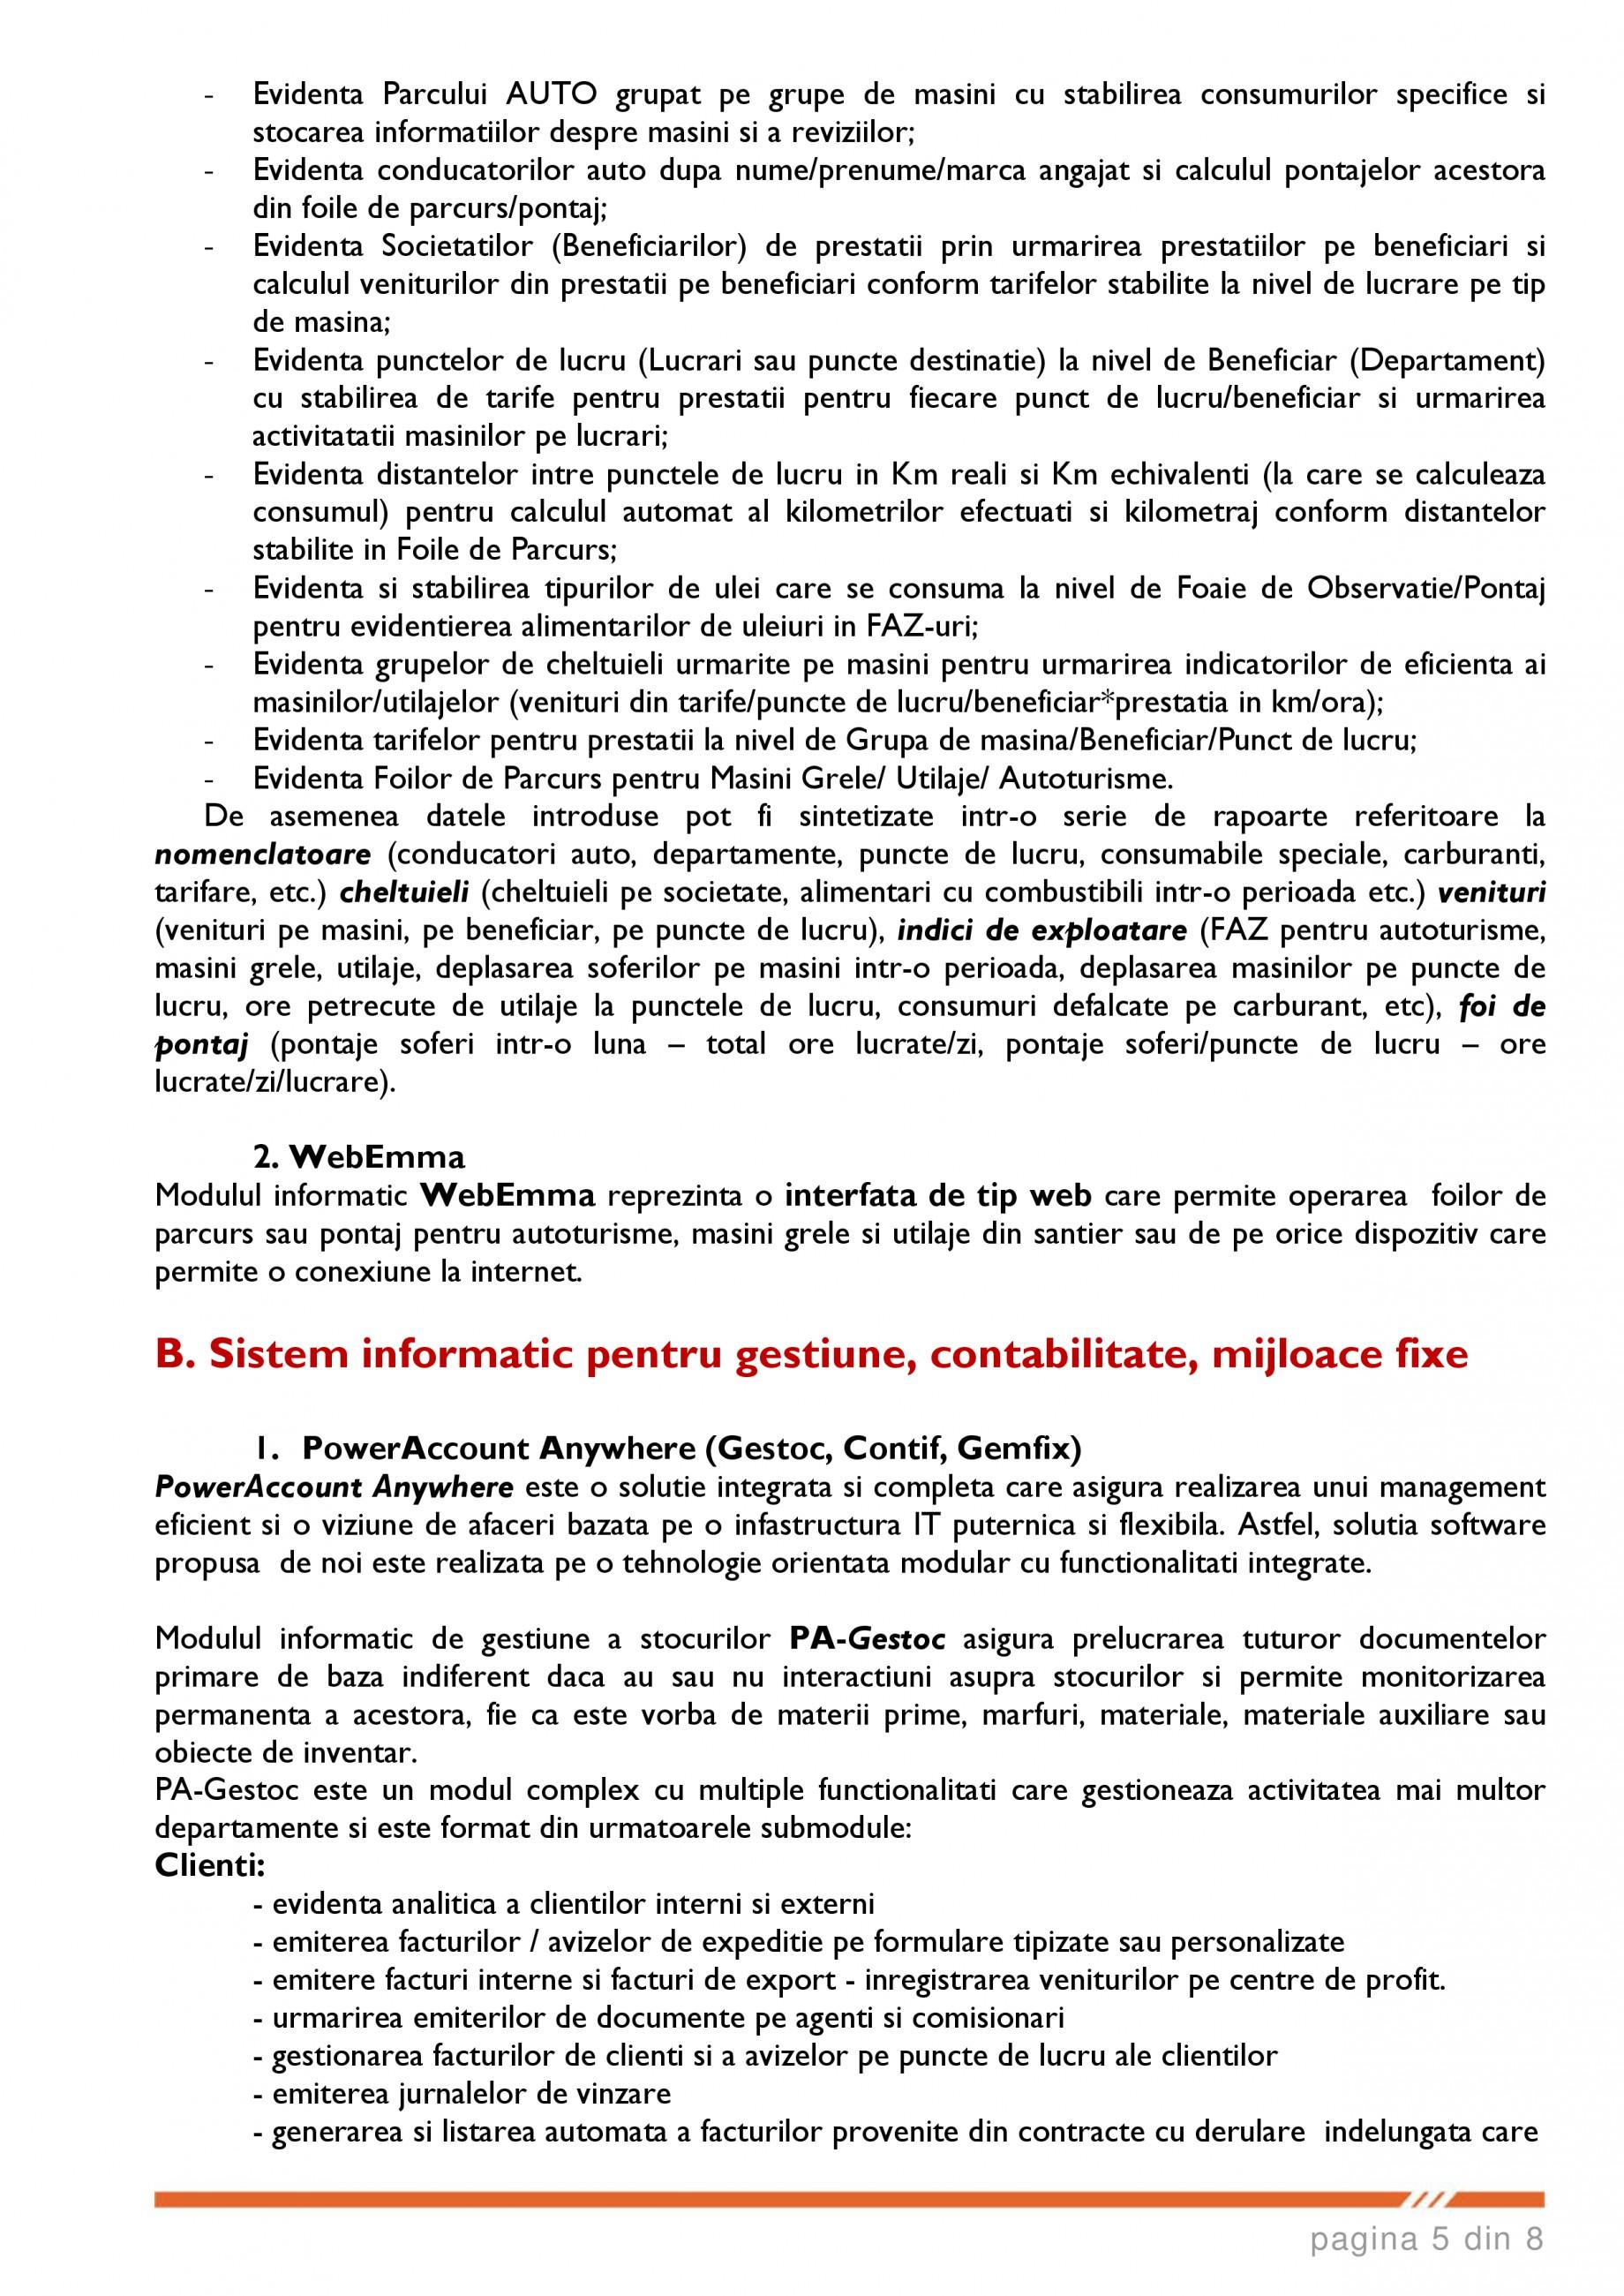 Catalog, brosura SCOP-C - Sistem pentru conducerea si organizarea productiei in constructii si instalatii SOFTEH PLUS Sistemul ERP - Planificarea Resurselor Intreprinderii SOFTEH PLUS  - Pagina 5